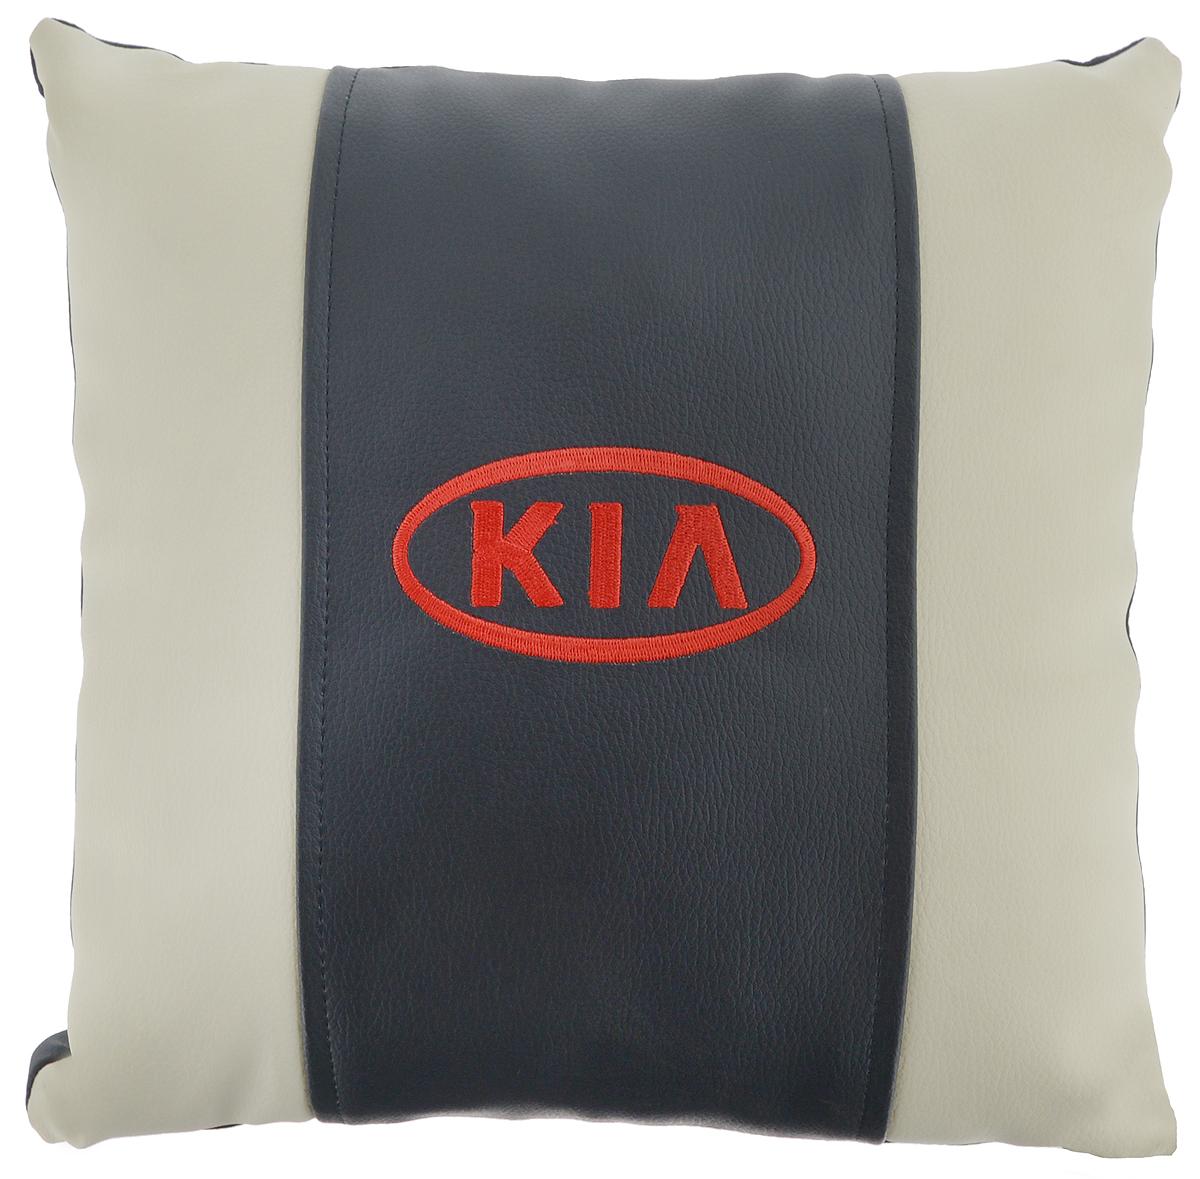 Подушка на сиденье Autoparts Kia, цвет: молочный, темно-серый, 30 х 30 смМ054Подушка на сиденье Autoparts Kia создана для тех, кто весь свой день вынужден проводить за рулем. Чехол выполнен из высококачественной дышащей экокожи. Задняя часть темно-серого цвета. Наполнителем служит холлофайбер. На задней части подушки имеется змейка.Особенности подушки:- Хорошо проветривается.- Предупреждает потение.- Поддерживает комфортную температуру.- Обминается по форме тела.- Улучшает кровообращение.- Исключает затечные явления.- Предупреждает развитие заболеваний, связанных с сидячим образом жизни. Подушка также будет полезна и дома - при работе за компьютером, школьникам - при выполнении домашних работ, да и в любимом кресле перед телевизором.